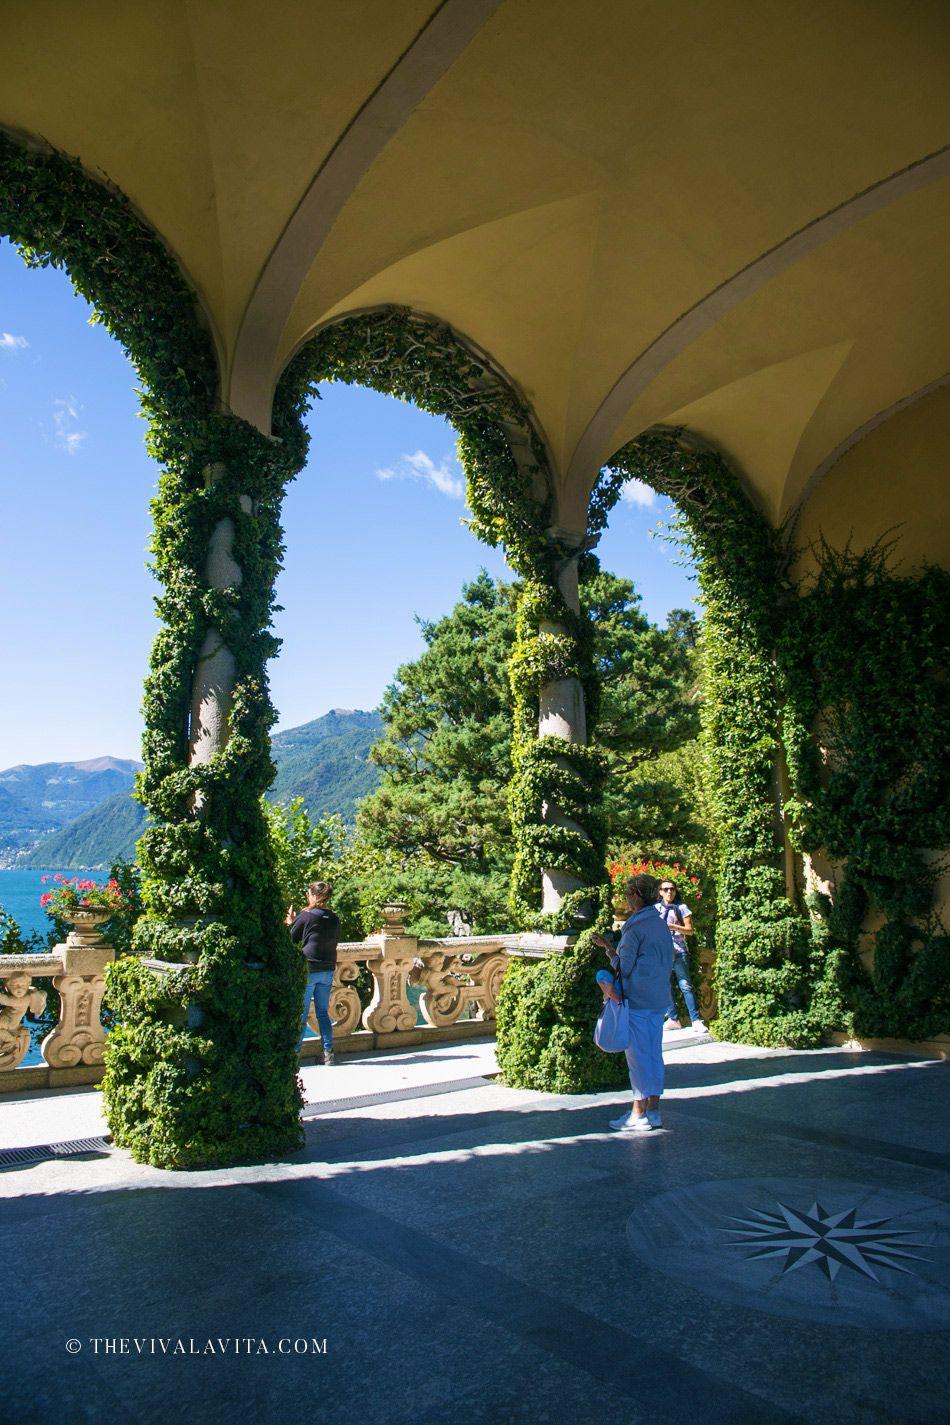 VILLA DEL BALBIANELLO, LAKE COMO italy bellaitalia